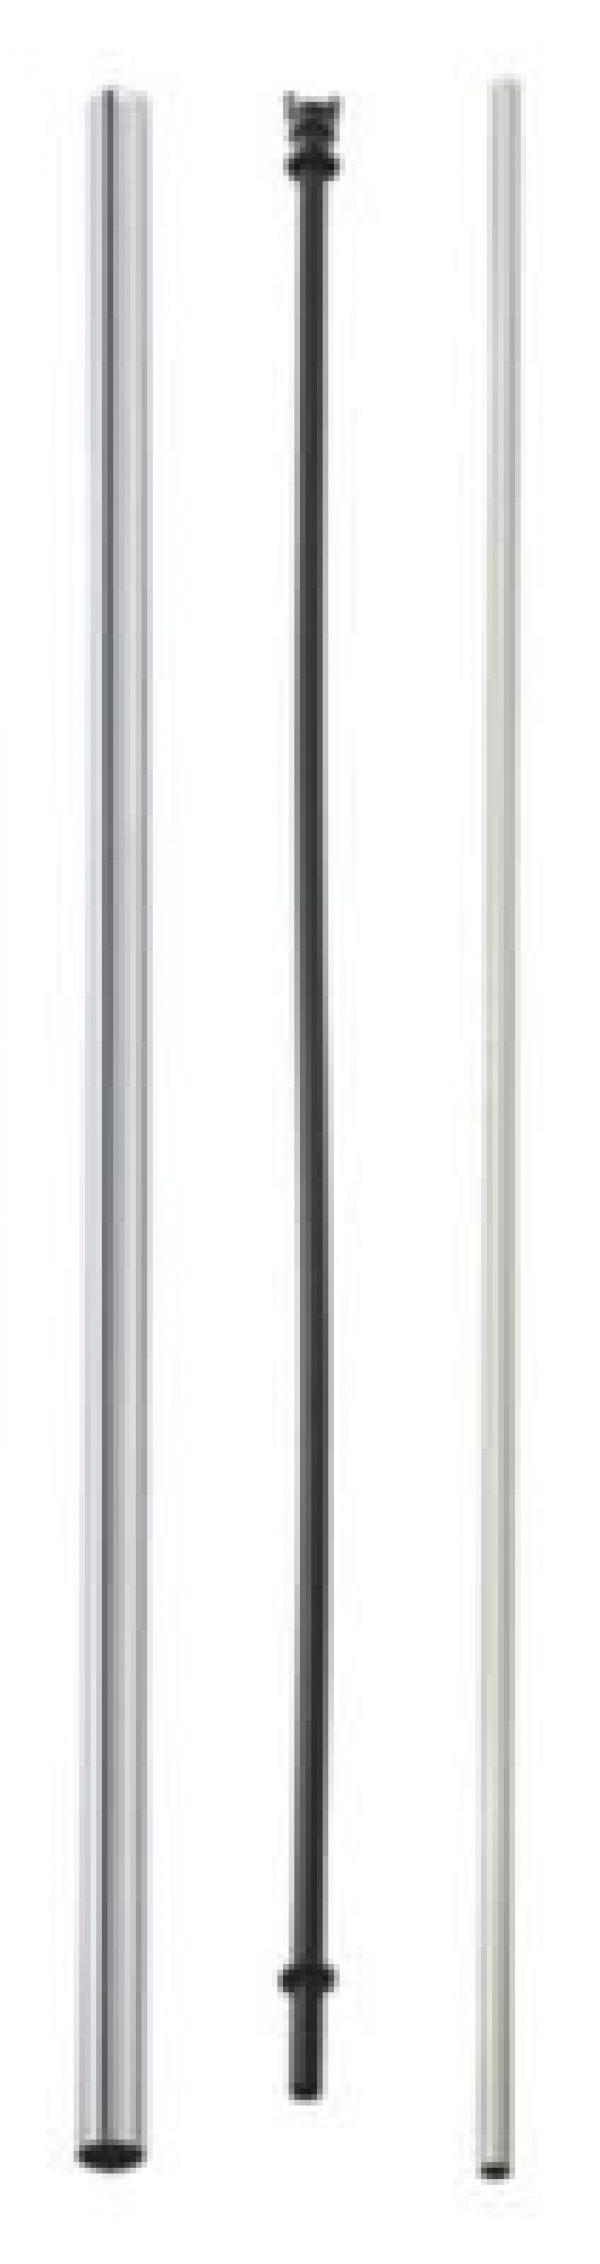 Grohe Euphoria bruse tilbehør 840mm m/metal/plastrørføring forkr